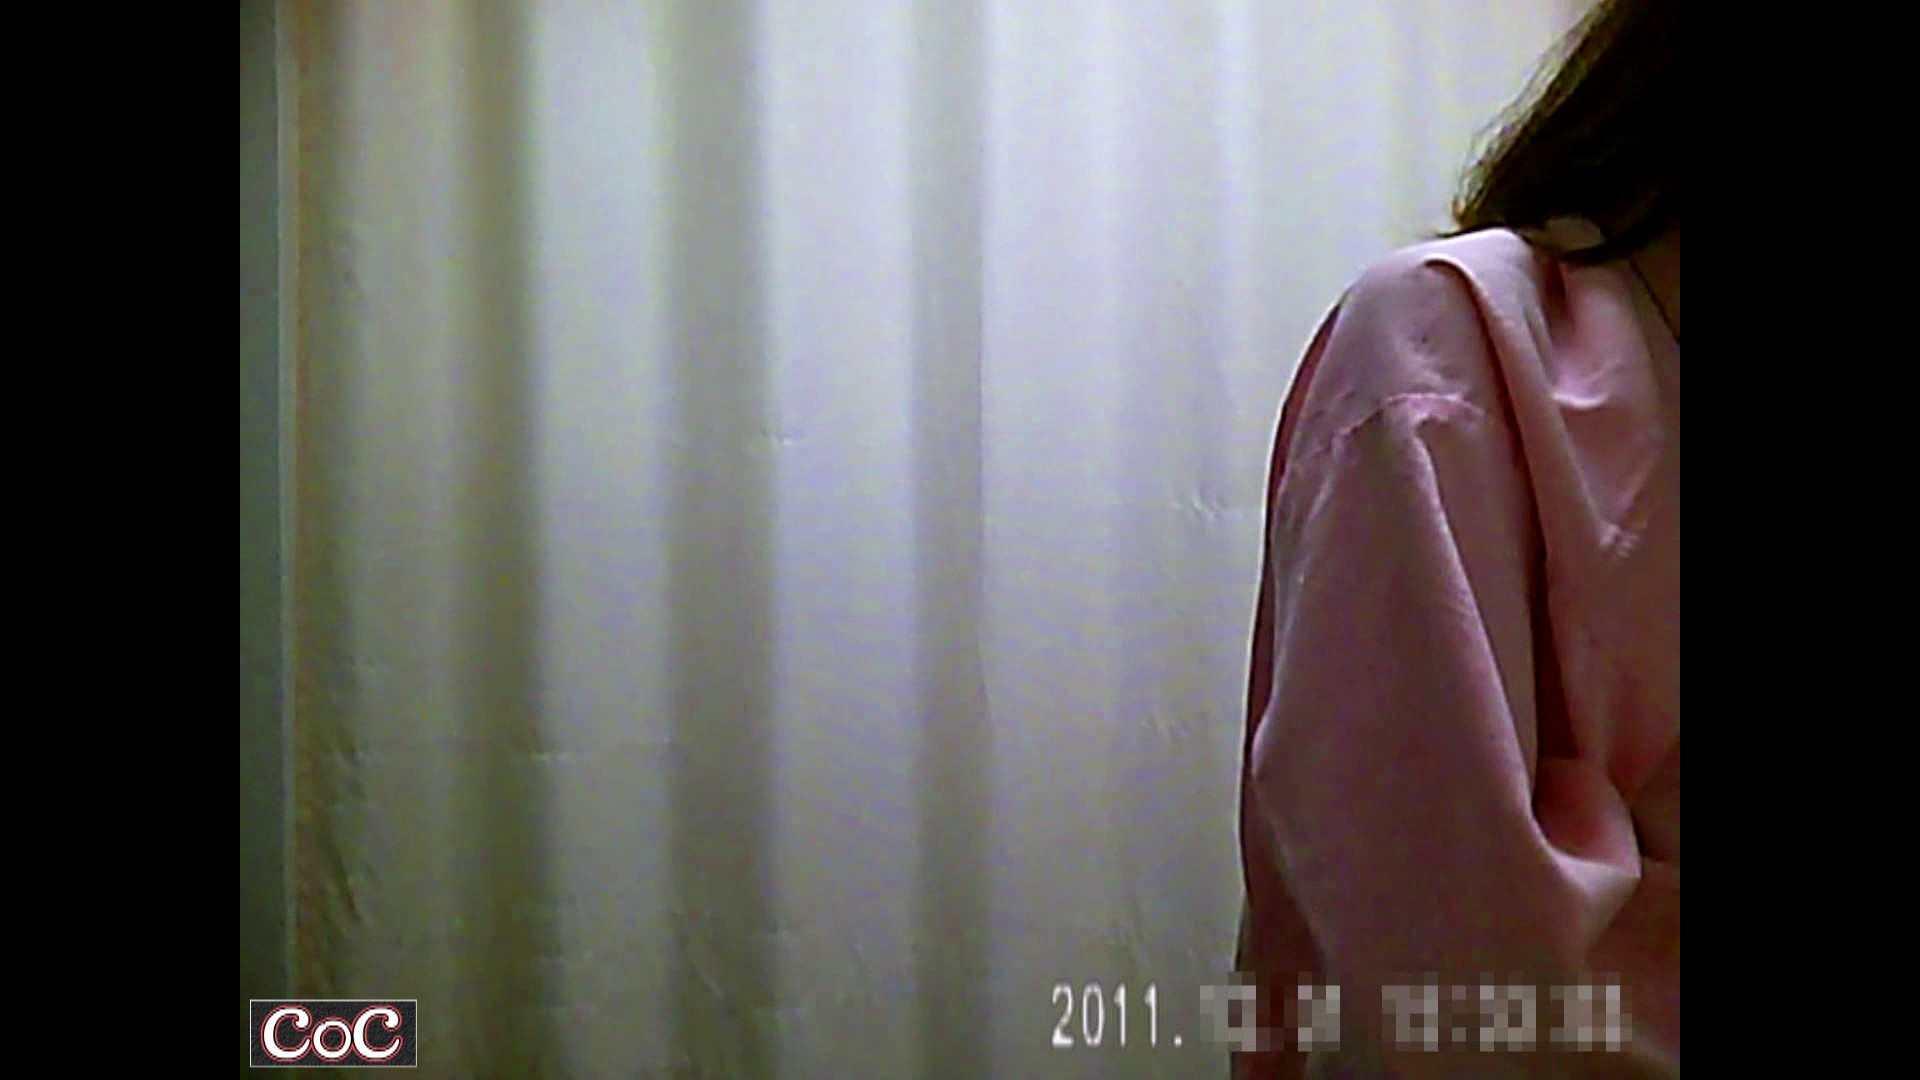 病院おもいっきり着替え! vol.107 おっぱい オマンコ動画キャプチャ 85画像 4